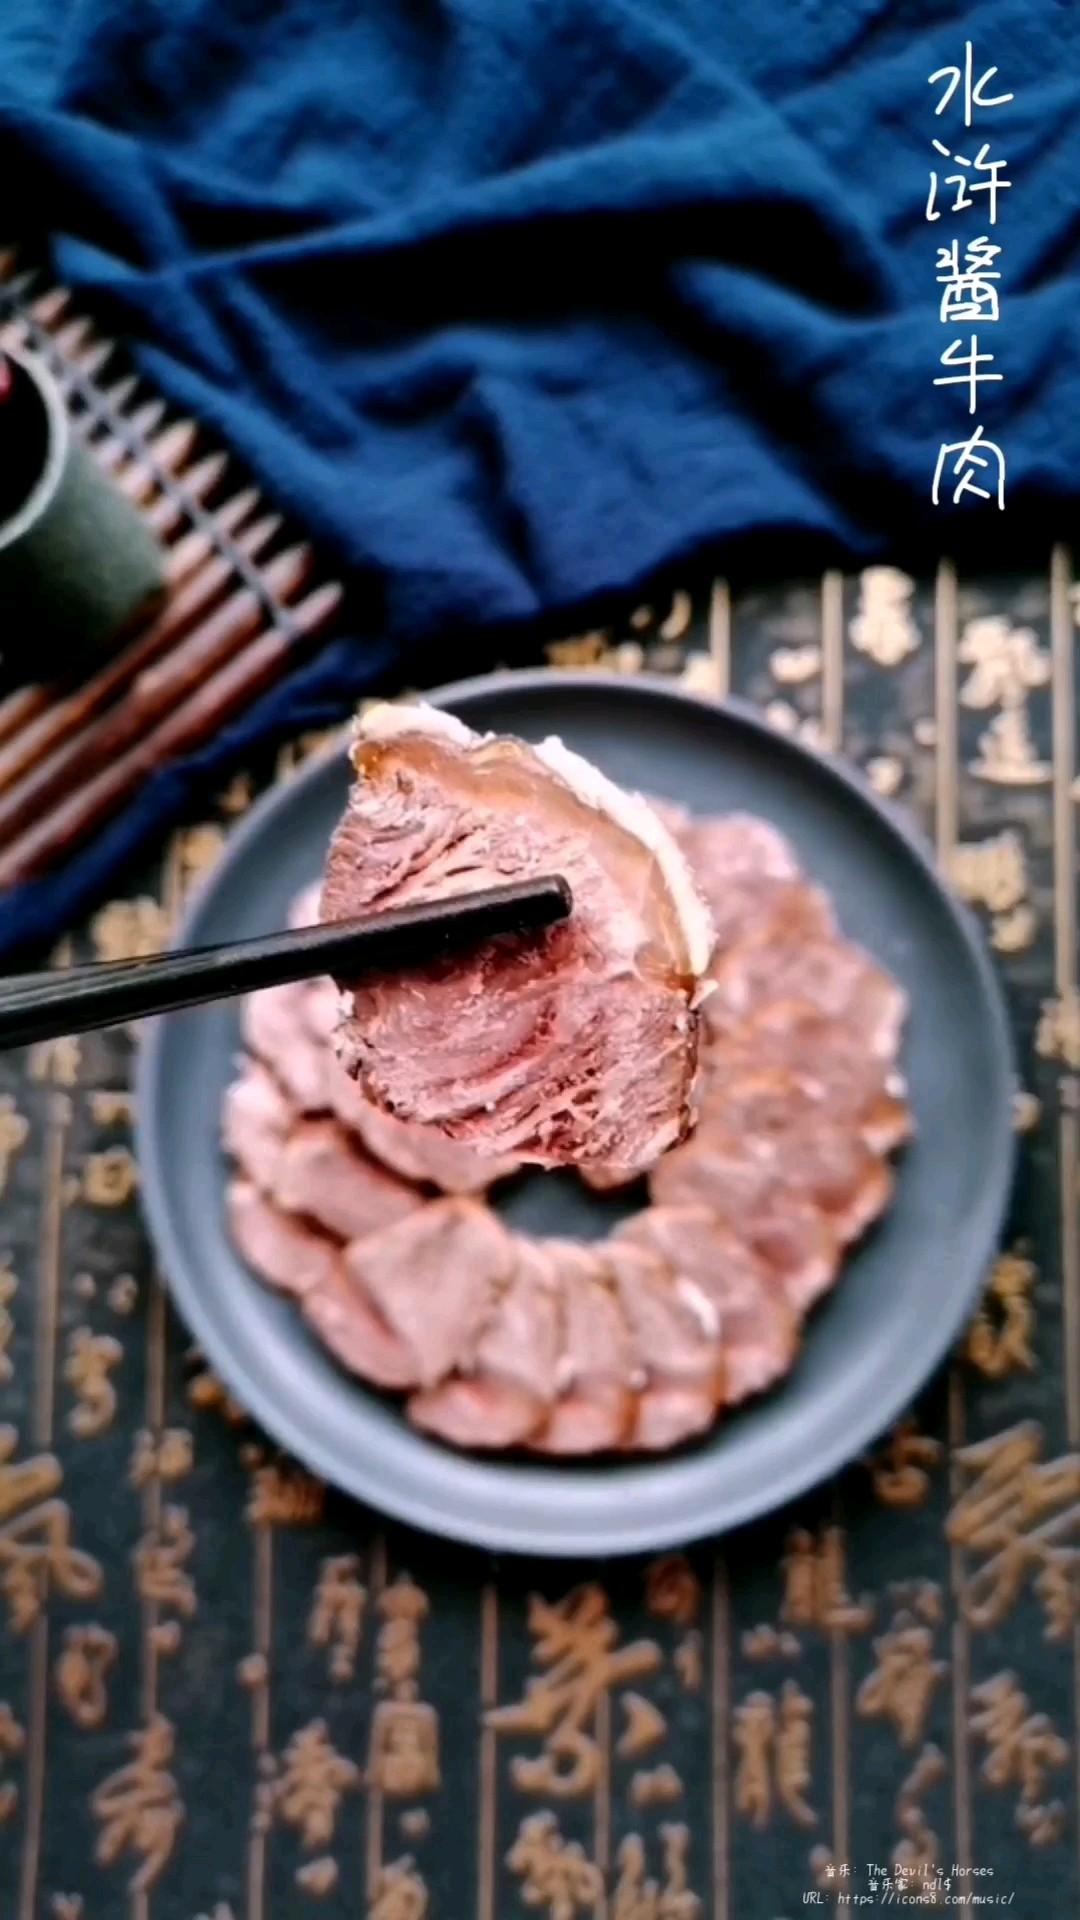 大口喝酒,大口吃肉,水浒酱牛肉客官尝尝看?